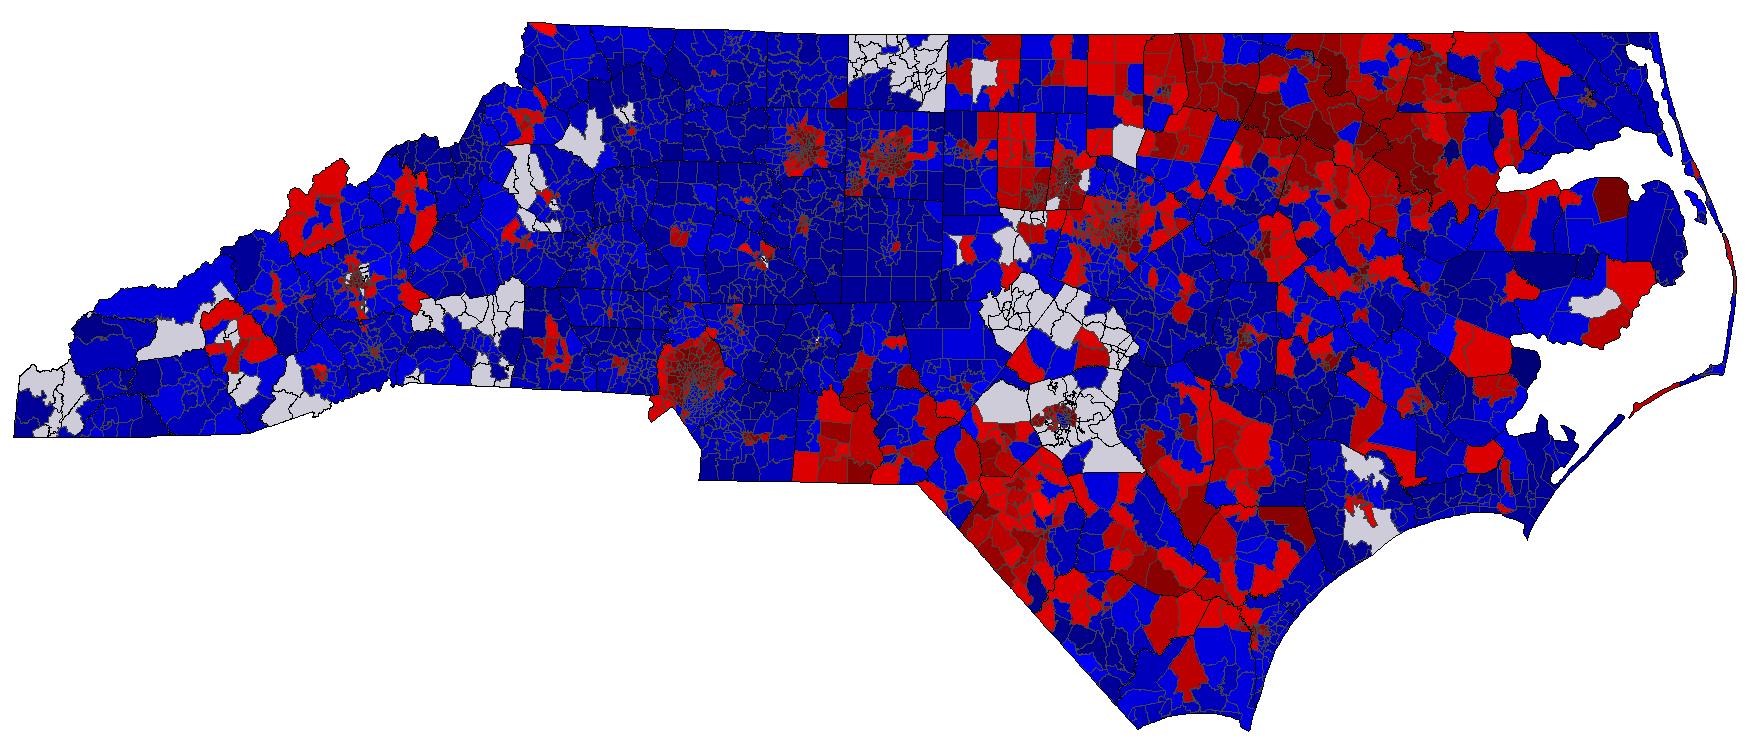 North Carolina Election Results by Precinct